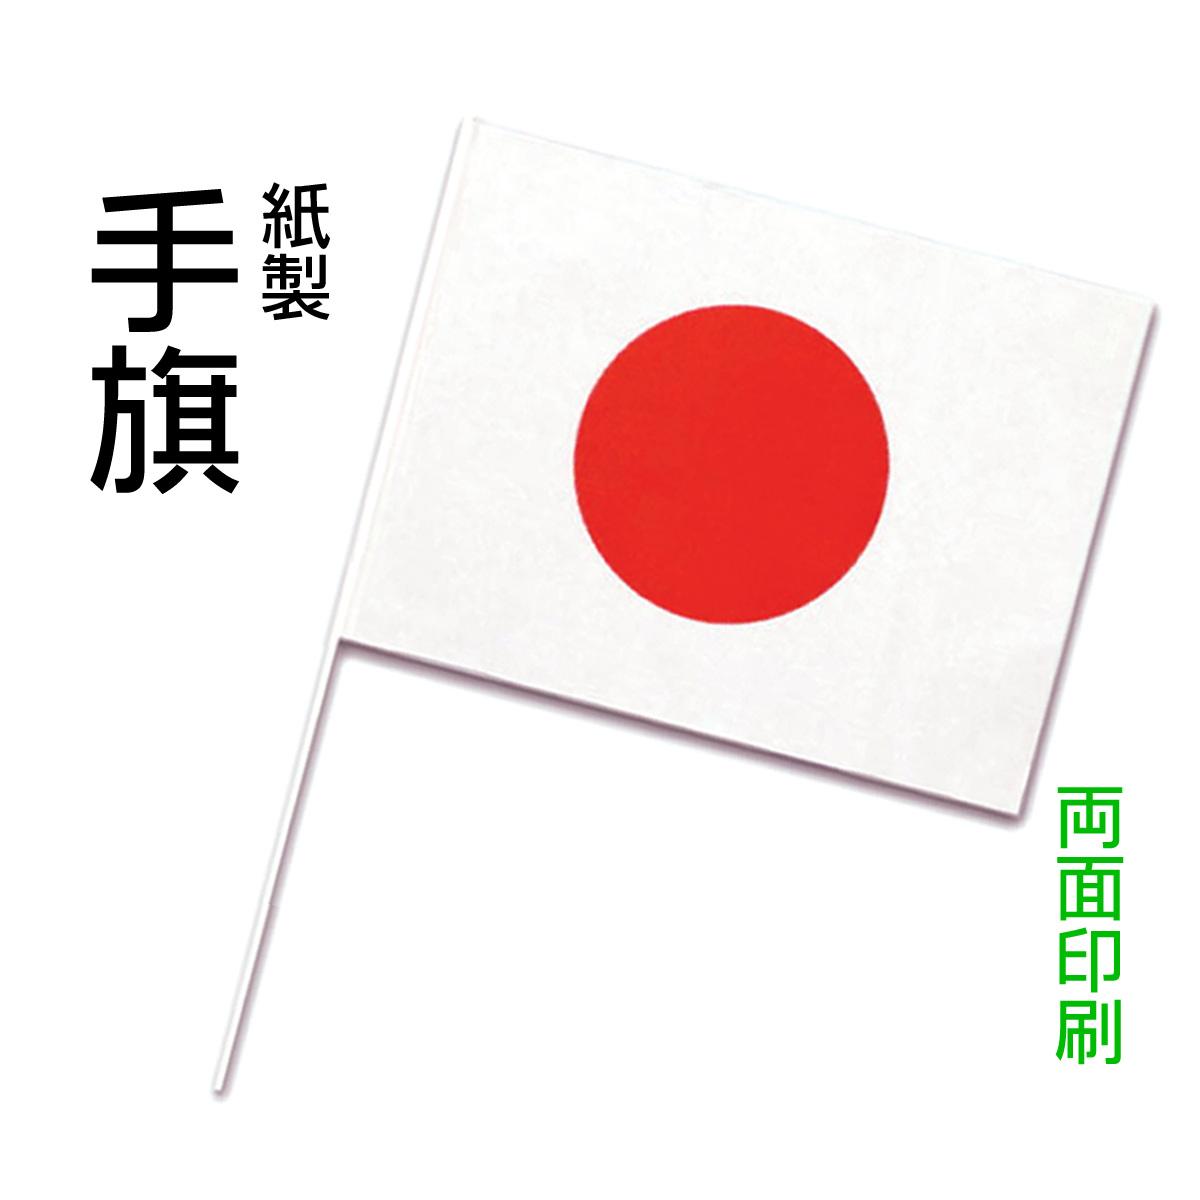 紙製手旗・両面印刷